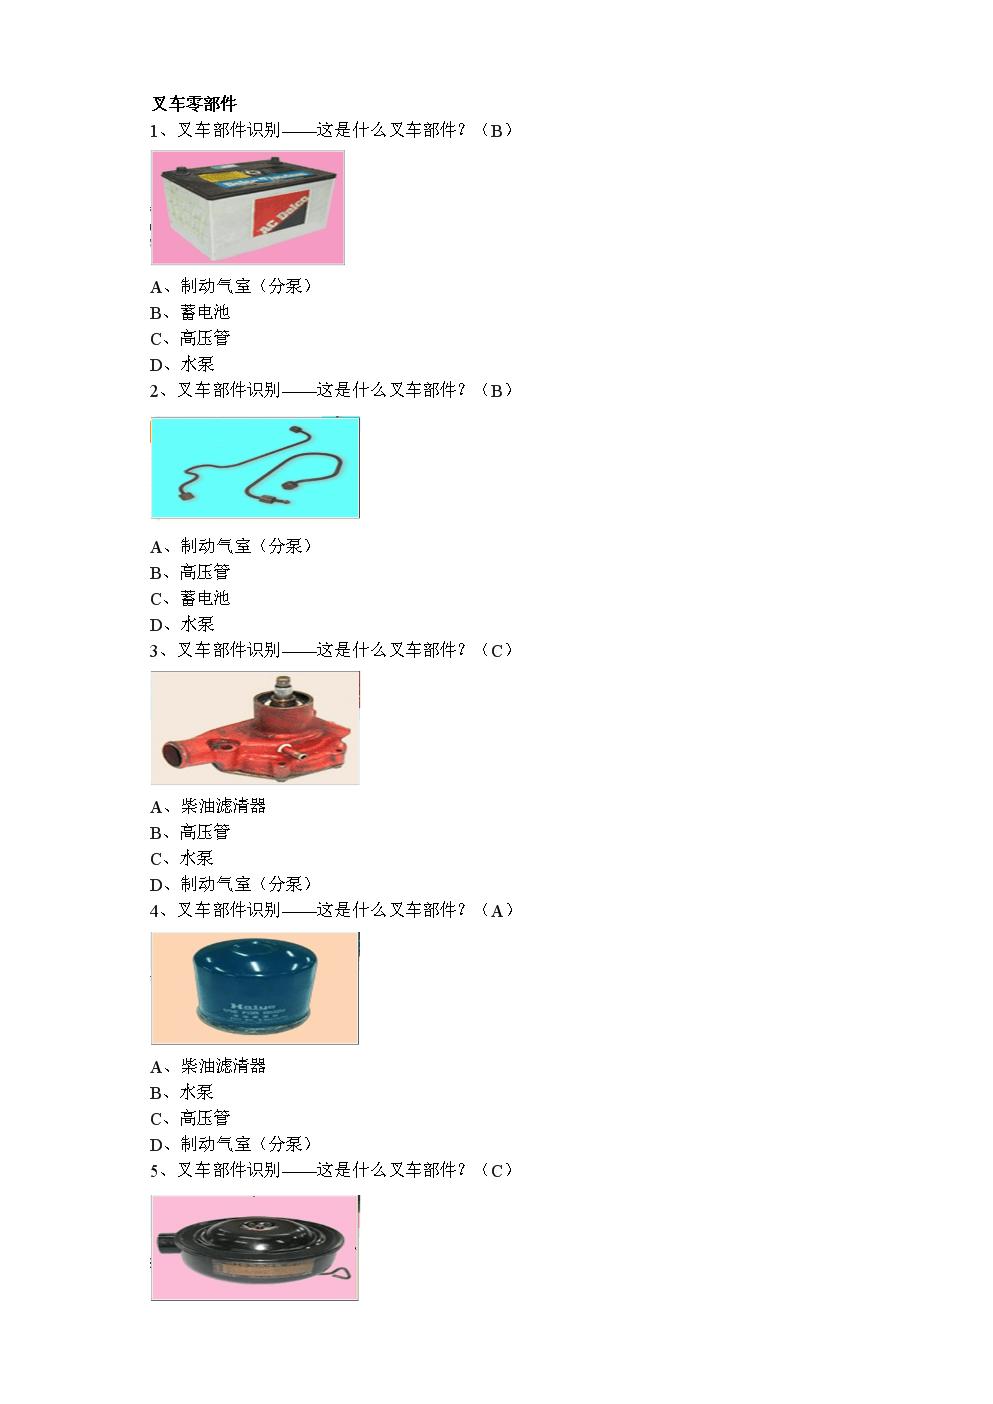 叉车理论图片练习题 叉车零部件.doc